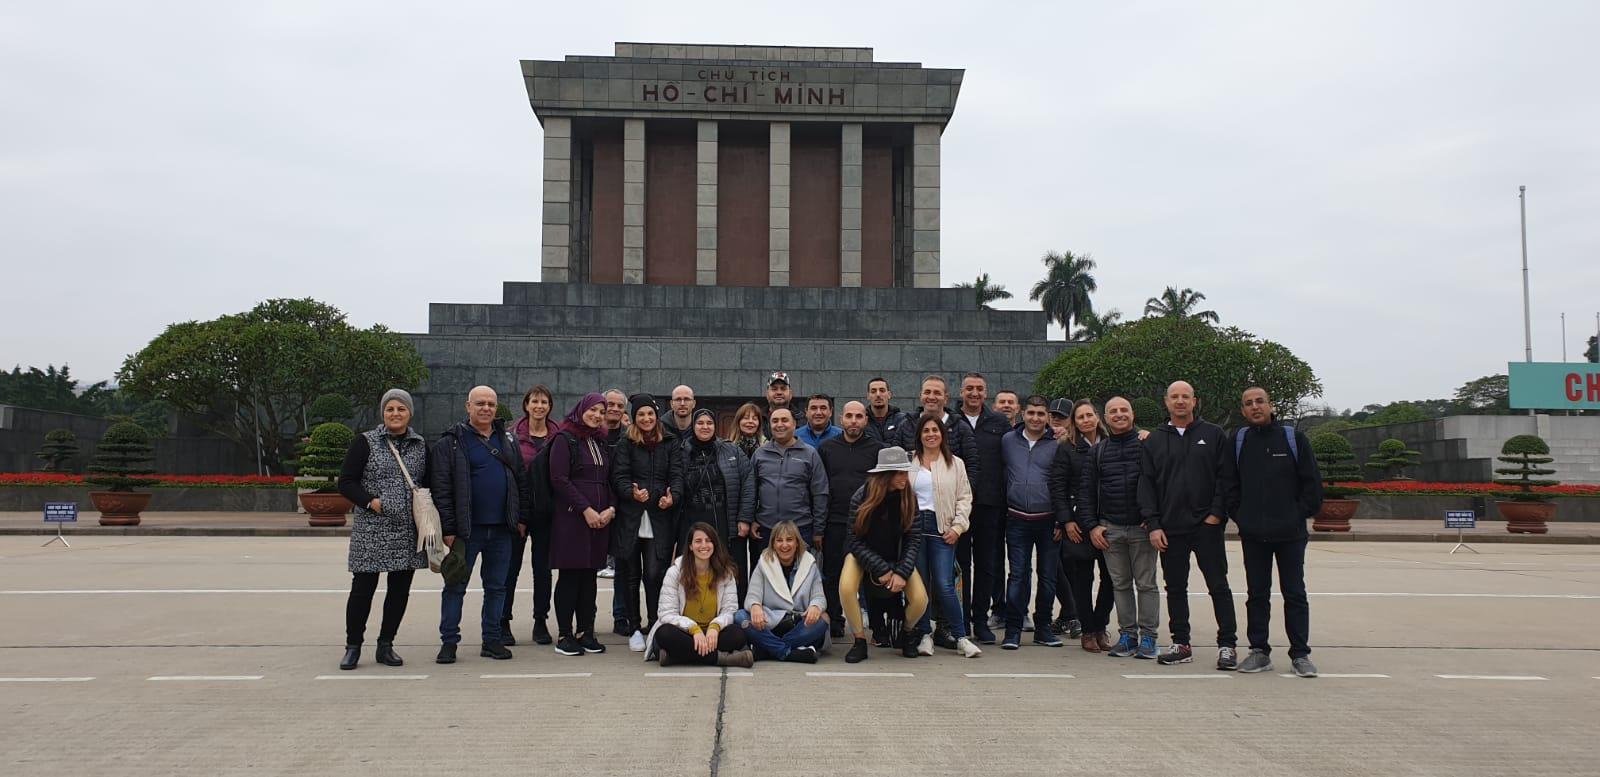 טיול קבוצתי לוייטנאם